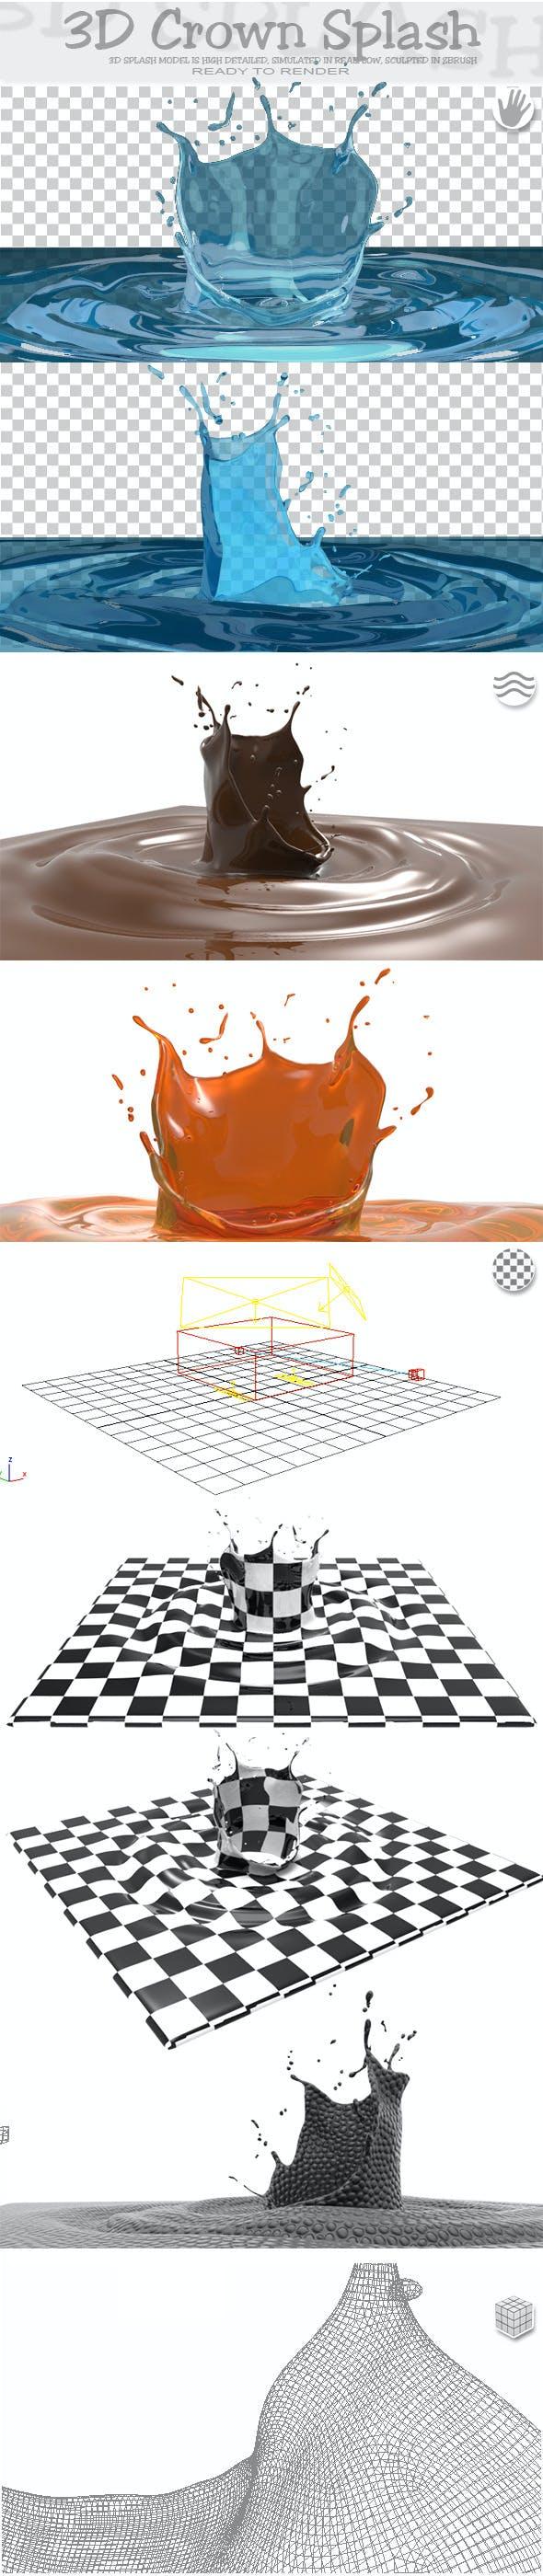 HD Crown Water Paint Liquid Splash - 3DOcean Item for Sale